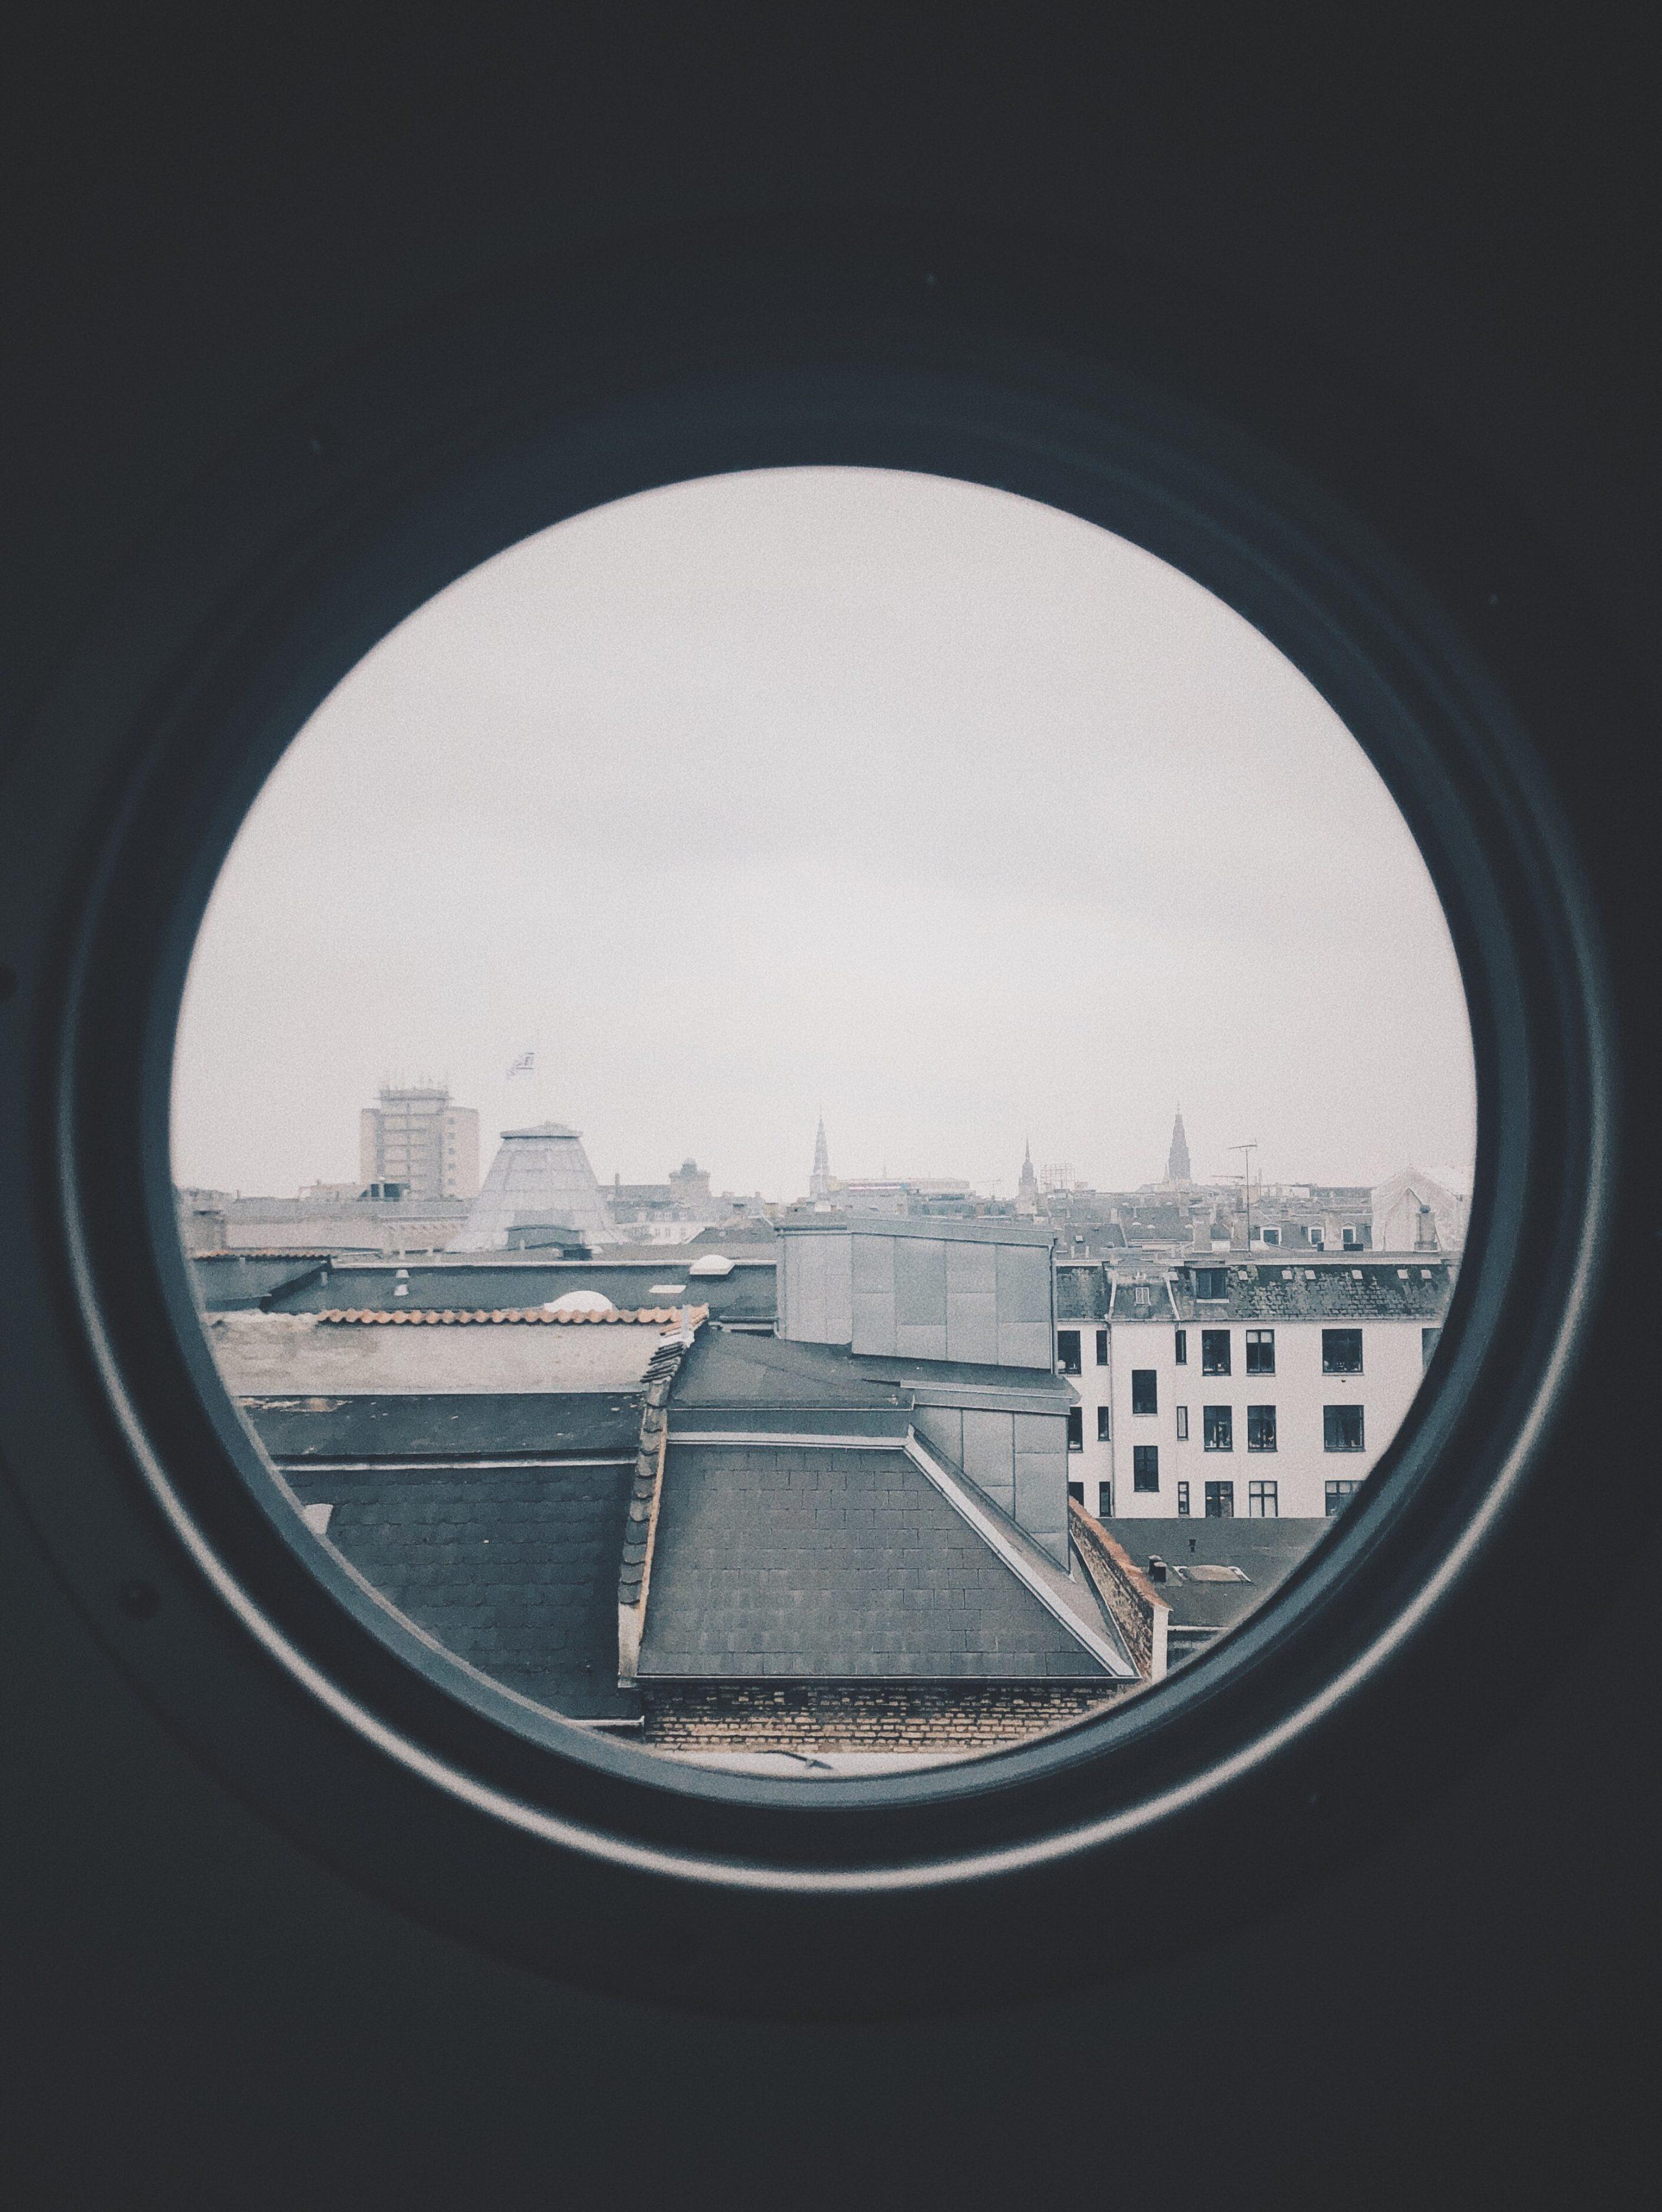 Type De Rideaux Pour Fenetre Cintrees la fenêtre sous toutes ses formes - luxembourg rénovation